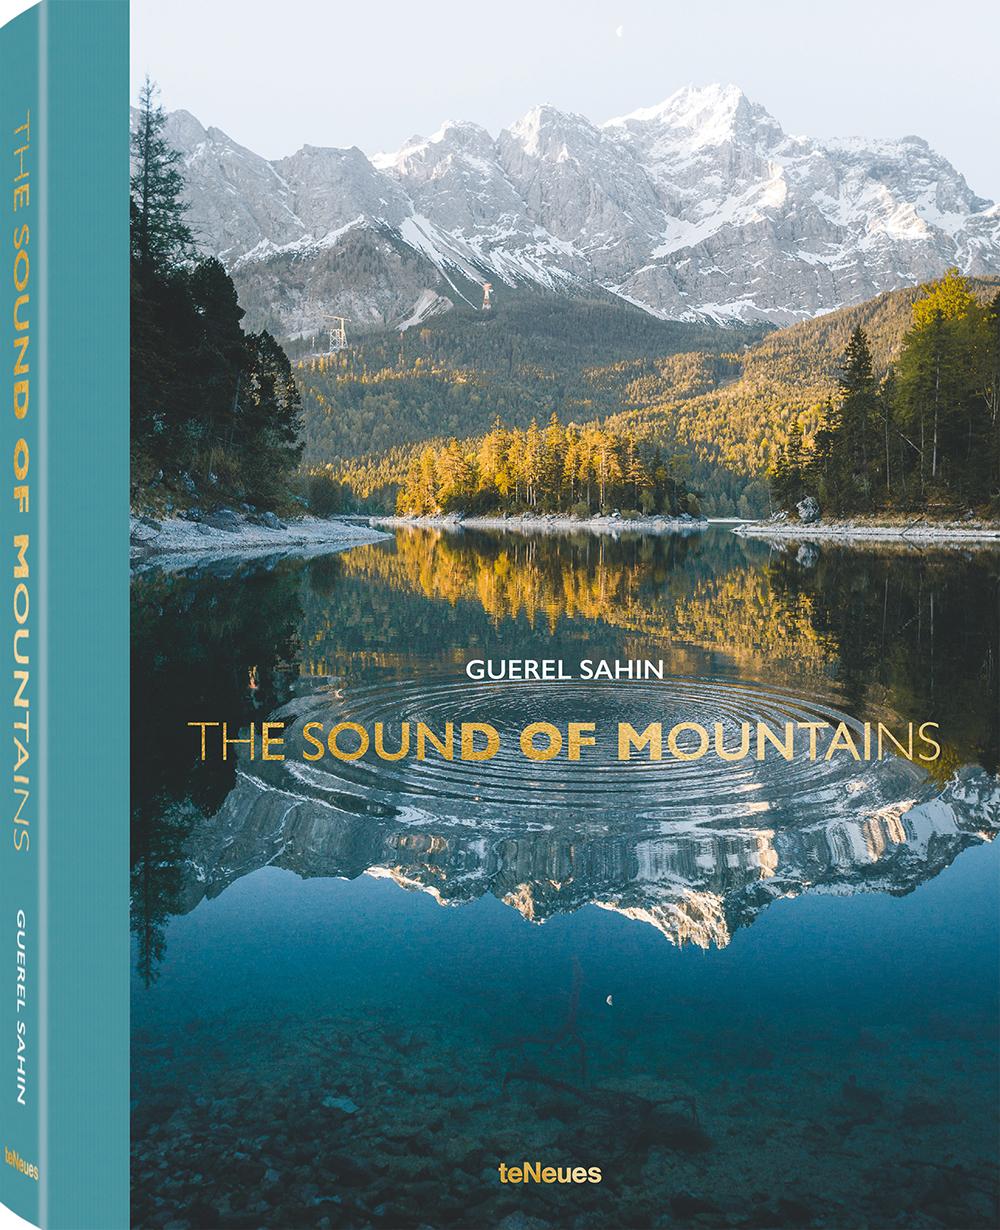 © The Sound of Mountains von Guerel Sahin, erschienen bei teNeues, € 40, www.teneues.com , Eibsee und Zugspitze, Bayern, Deutschland , Photo © 2018 Guerel Sahin / Palatina Media Gbr. All rights reserved. www.guerelsahin.com